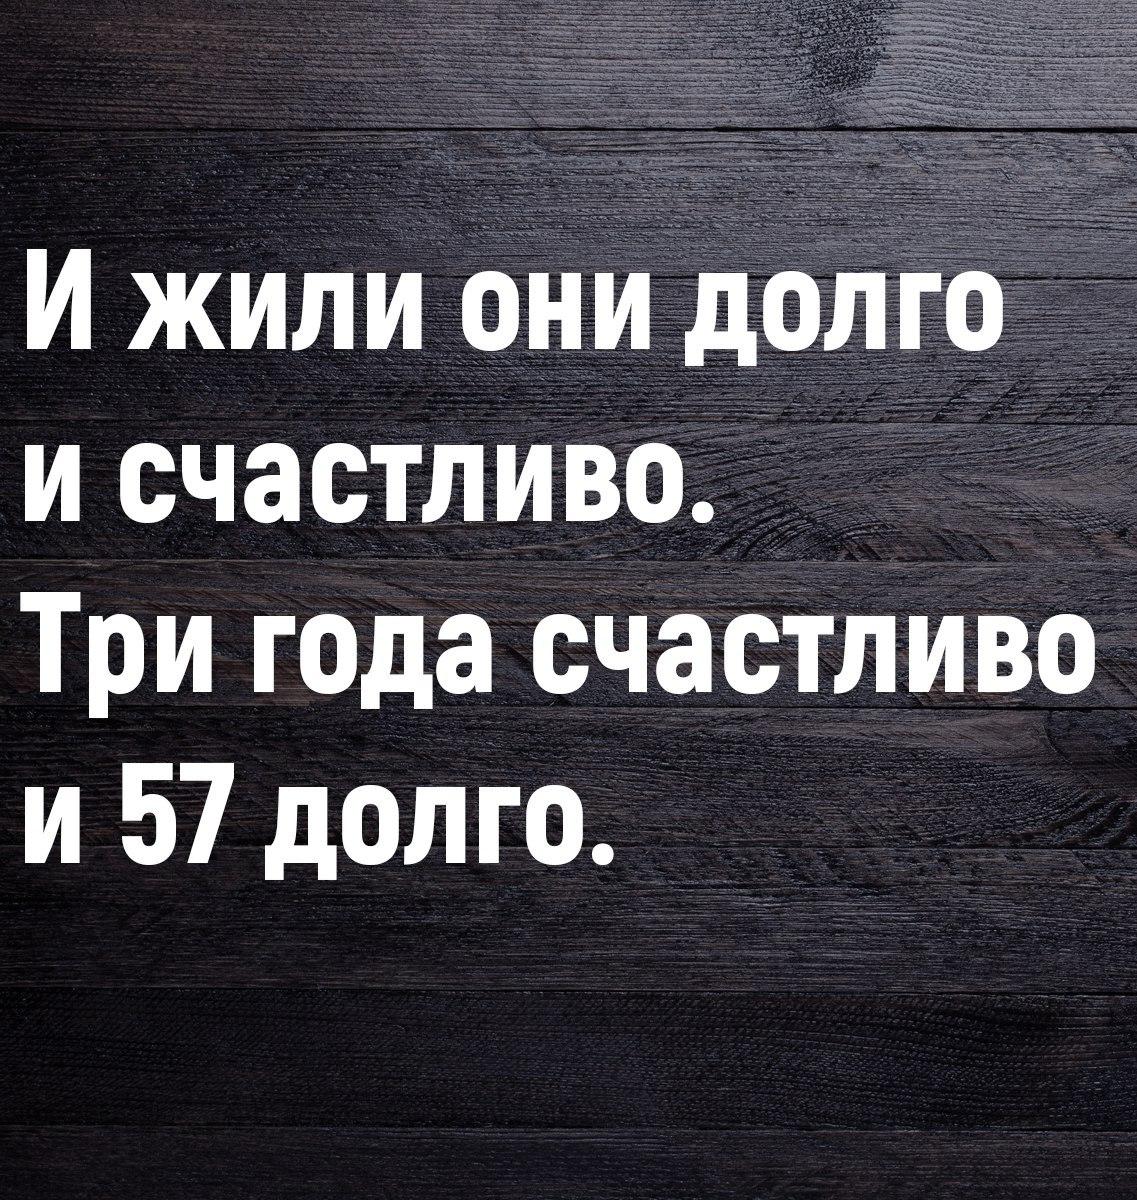 Юмор, приколы... - Страница 9 D9da4c10